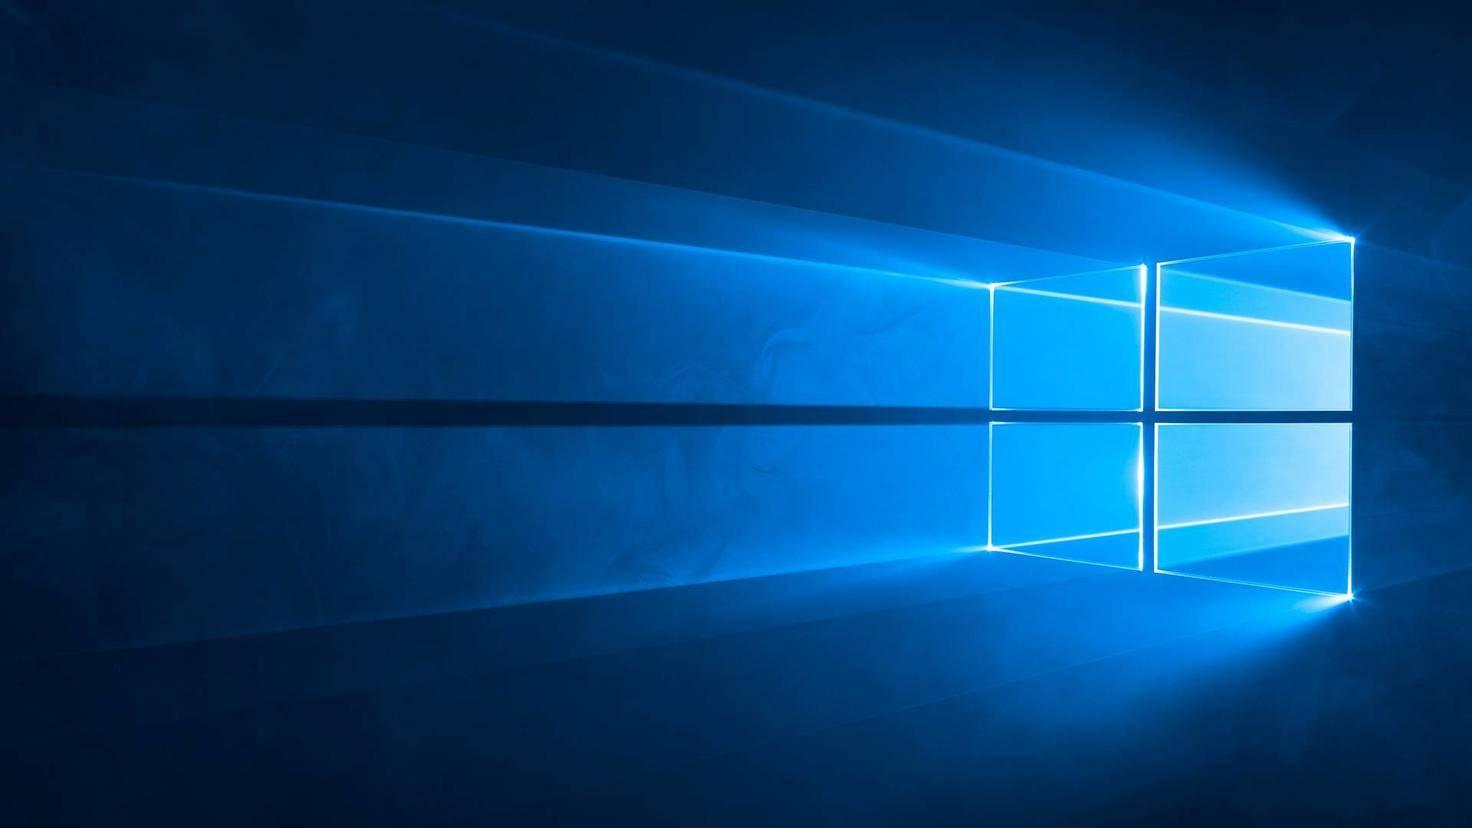 Windows 10 Wallpaper neu